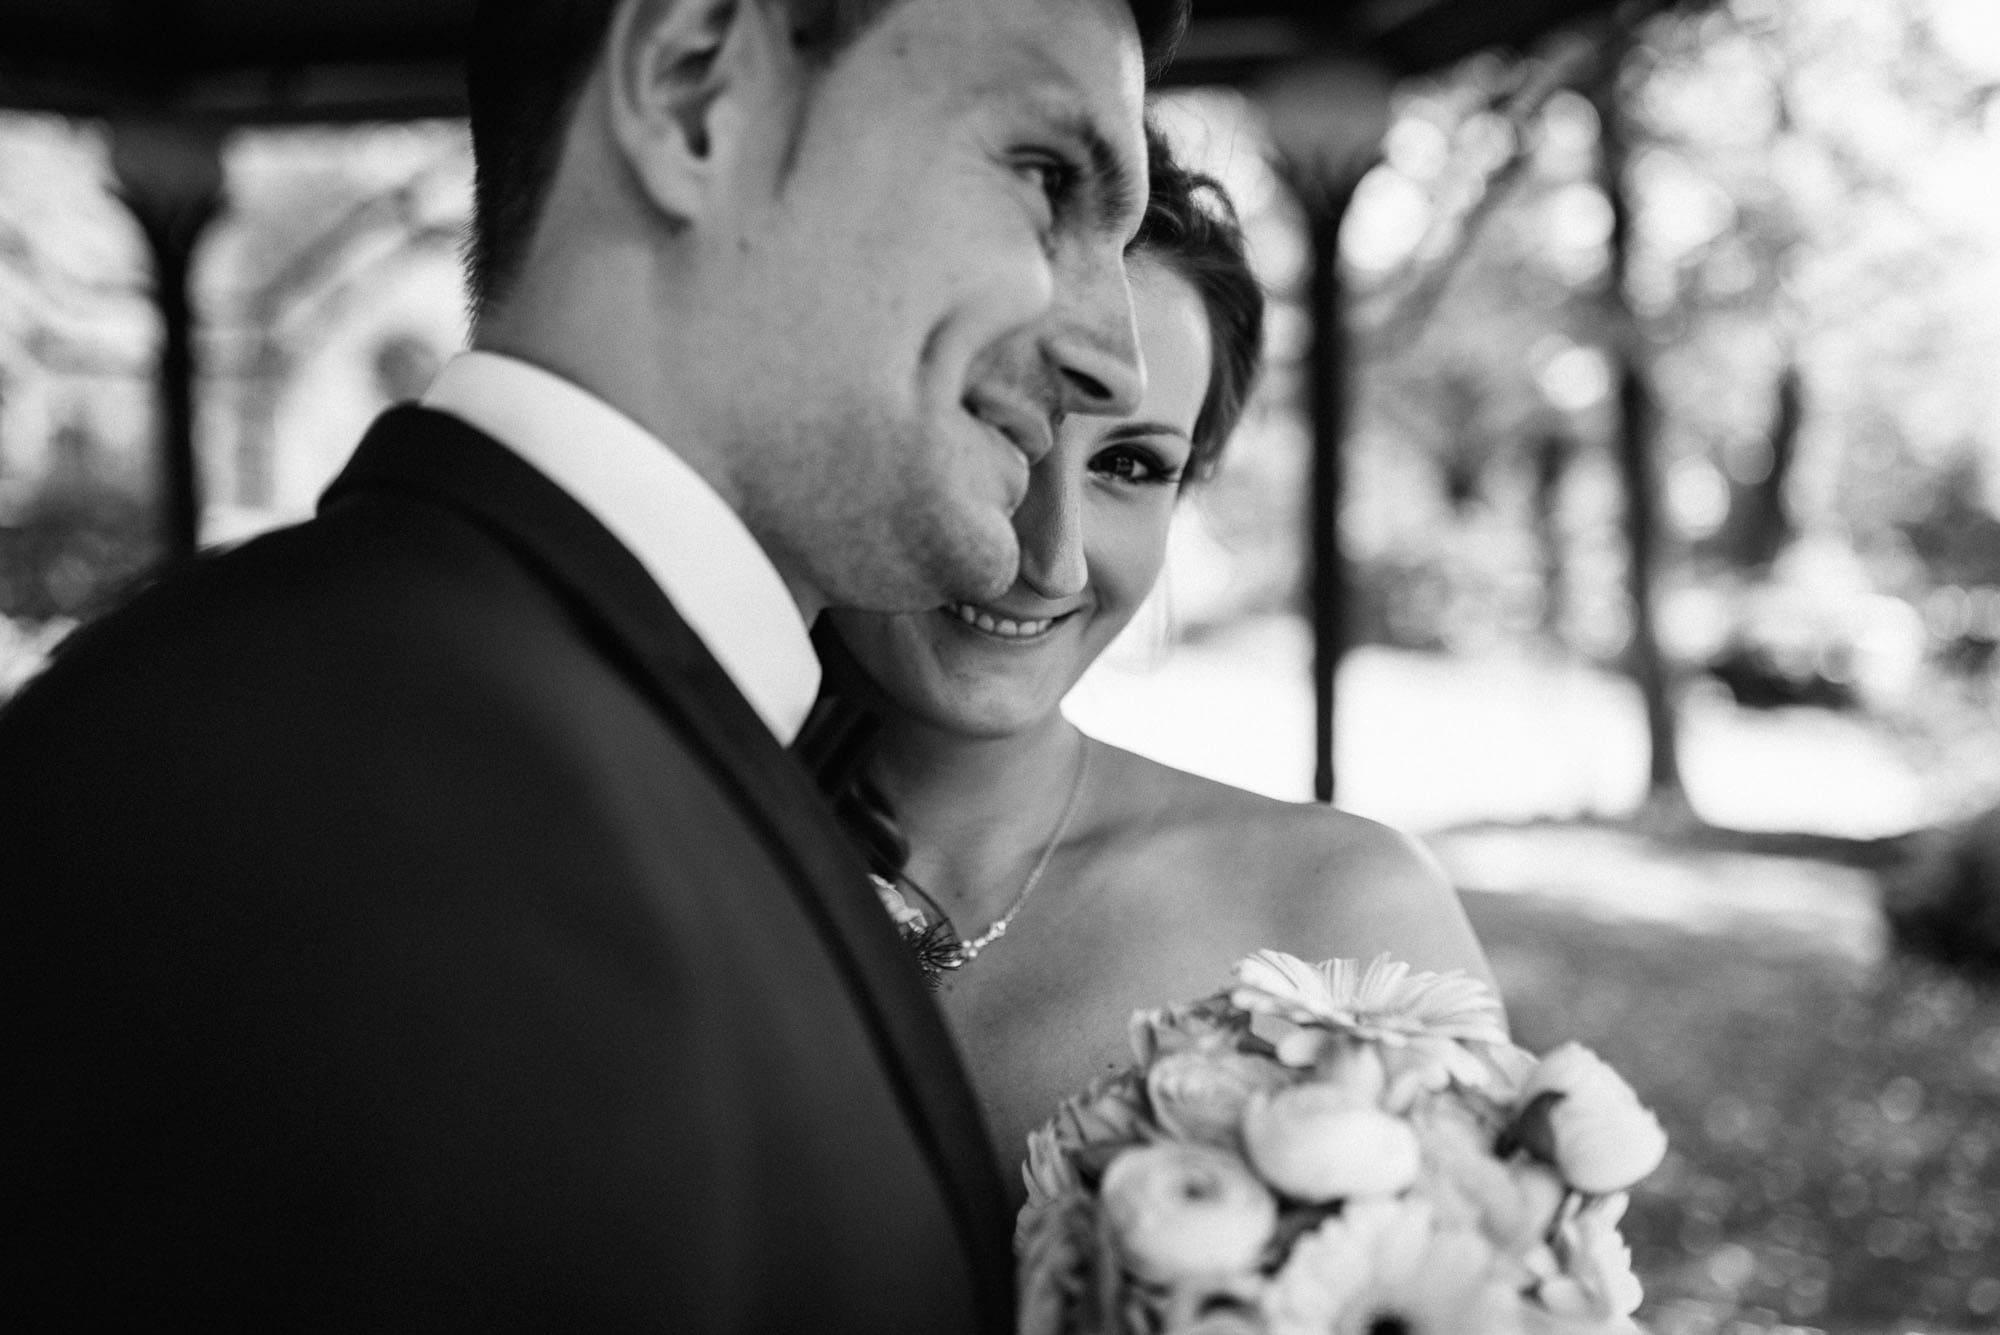 Detailbild vom Brautpaar.